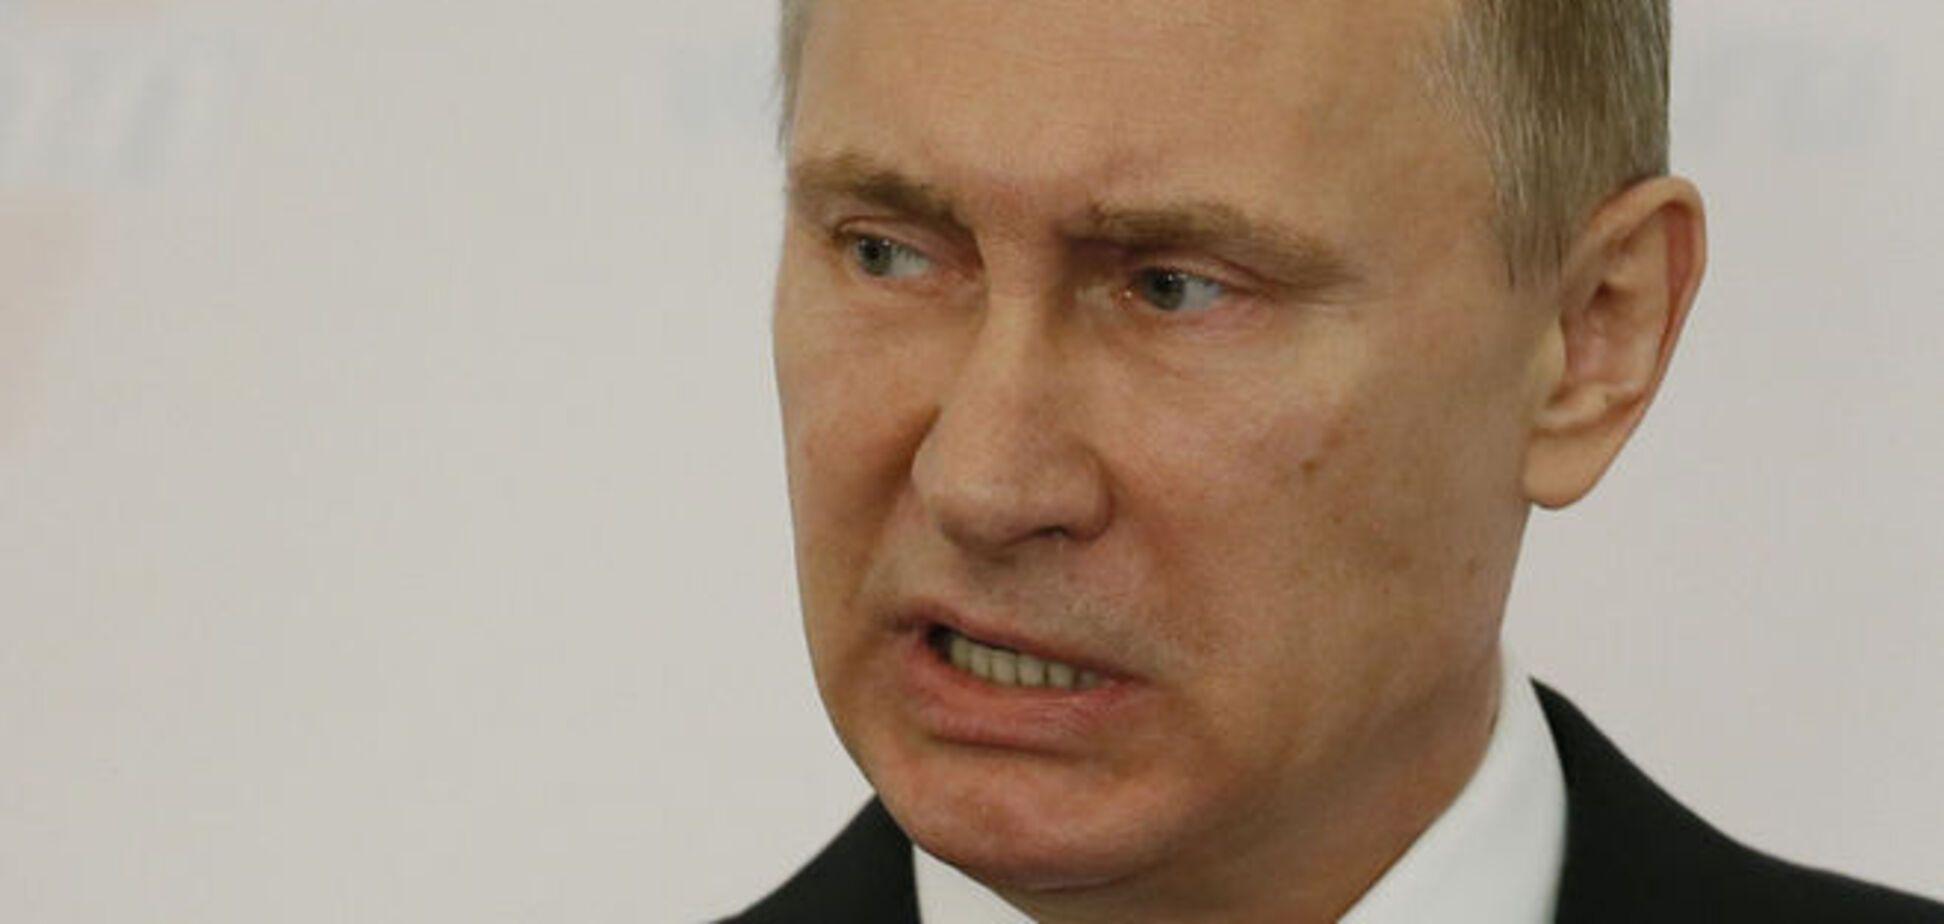 Уголовное преследование Путина должно стать национальной идеей Украины